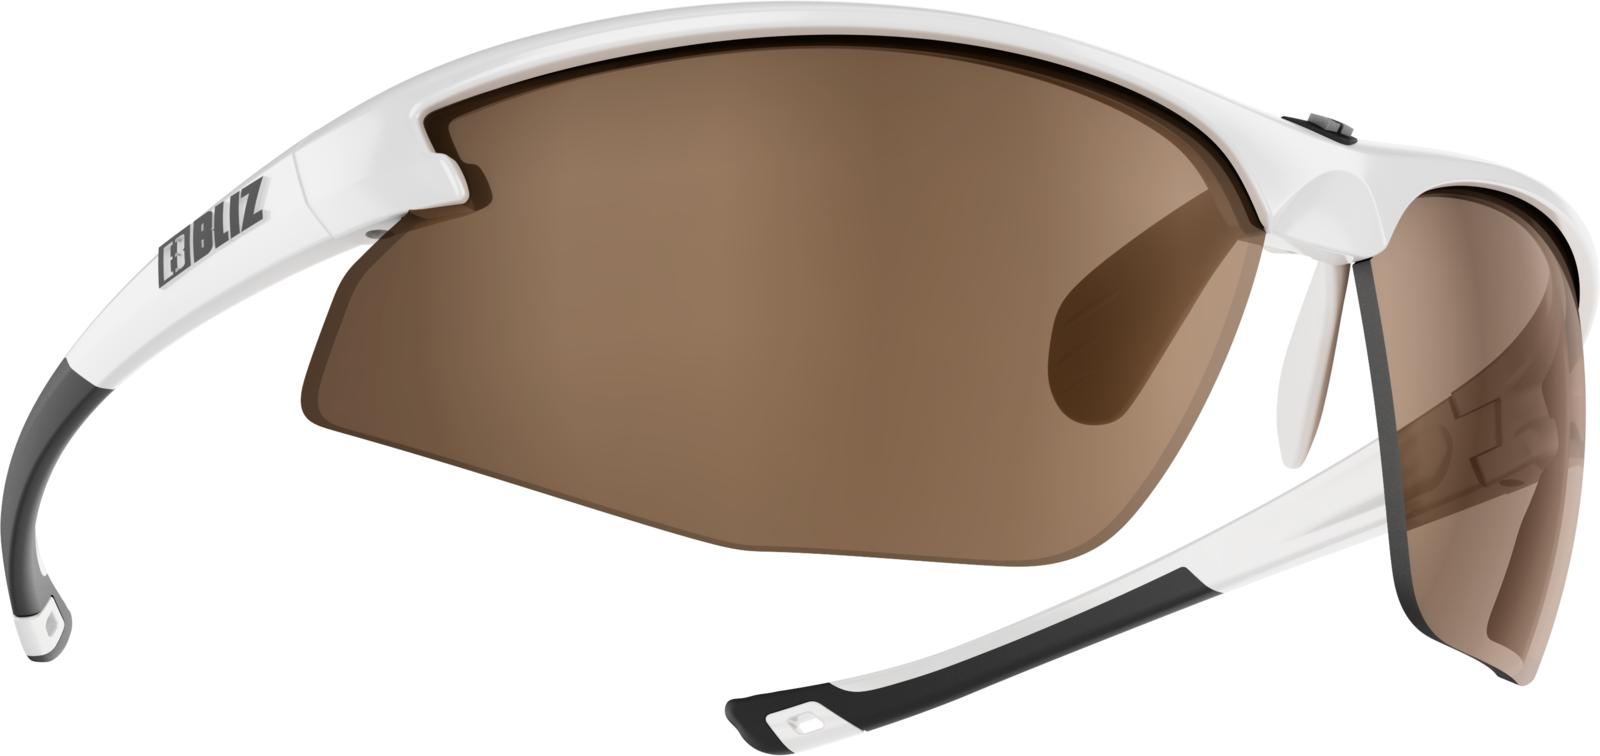 Очки спортивные Bliz Motion, для беговых лыж, велоспорта, цвет: белый